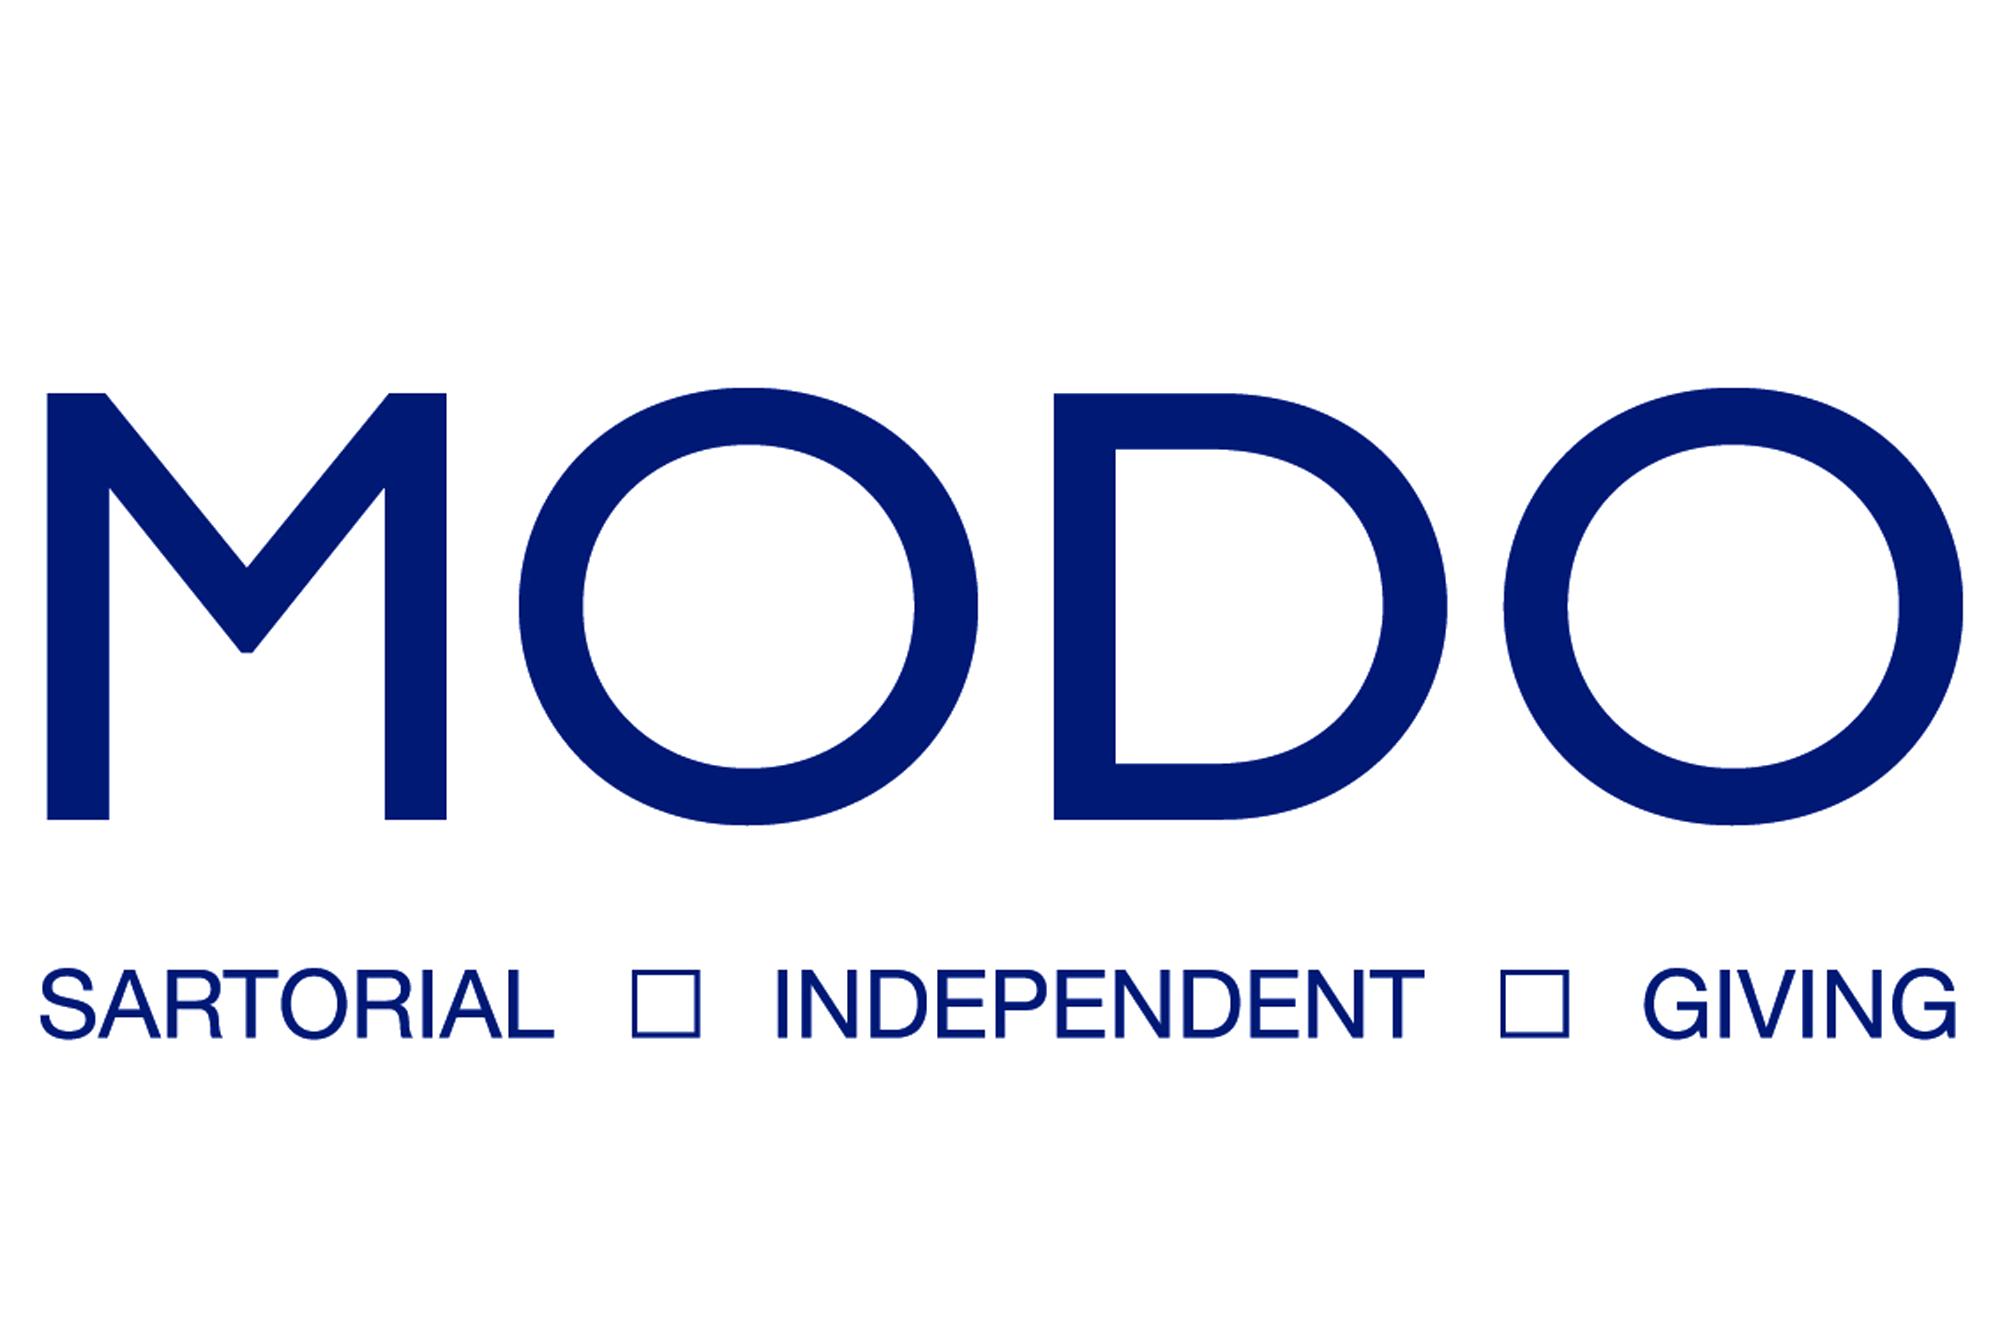 Modo - Modell 4416 CRYSIL